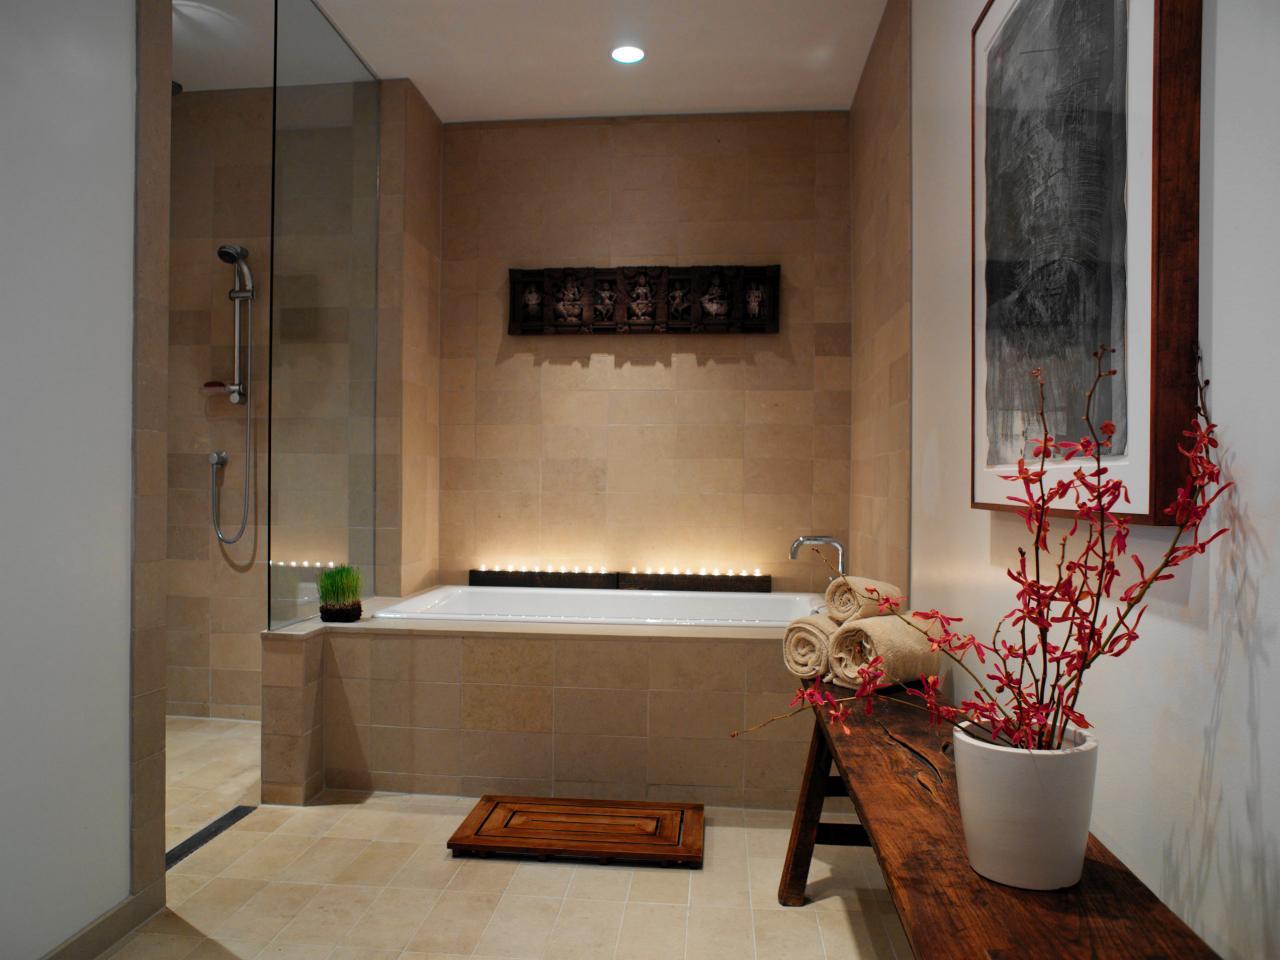 spa bathroom ideas photos photo - 5